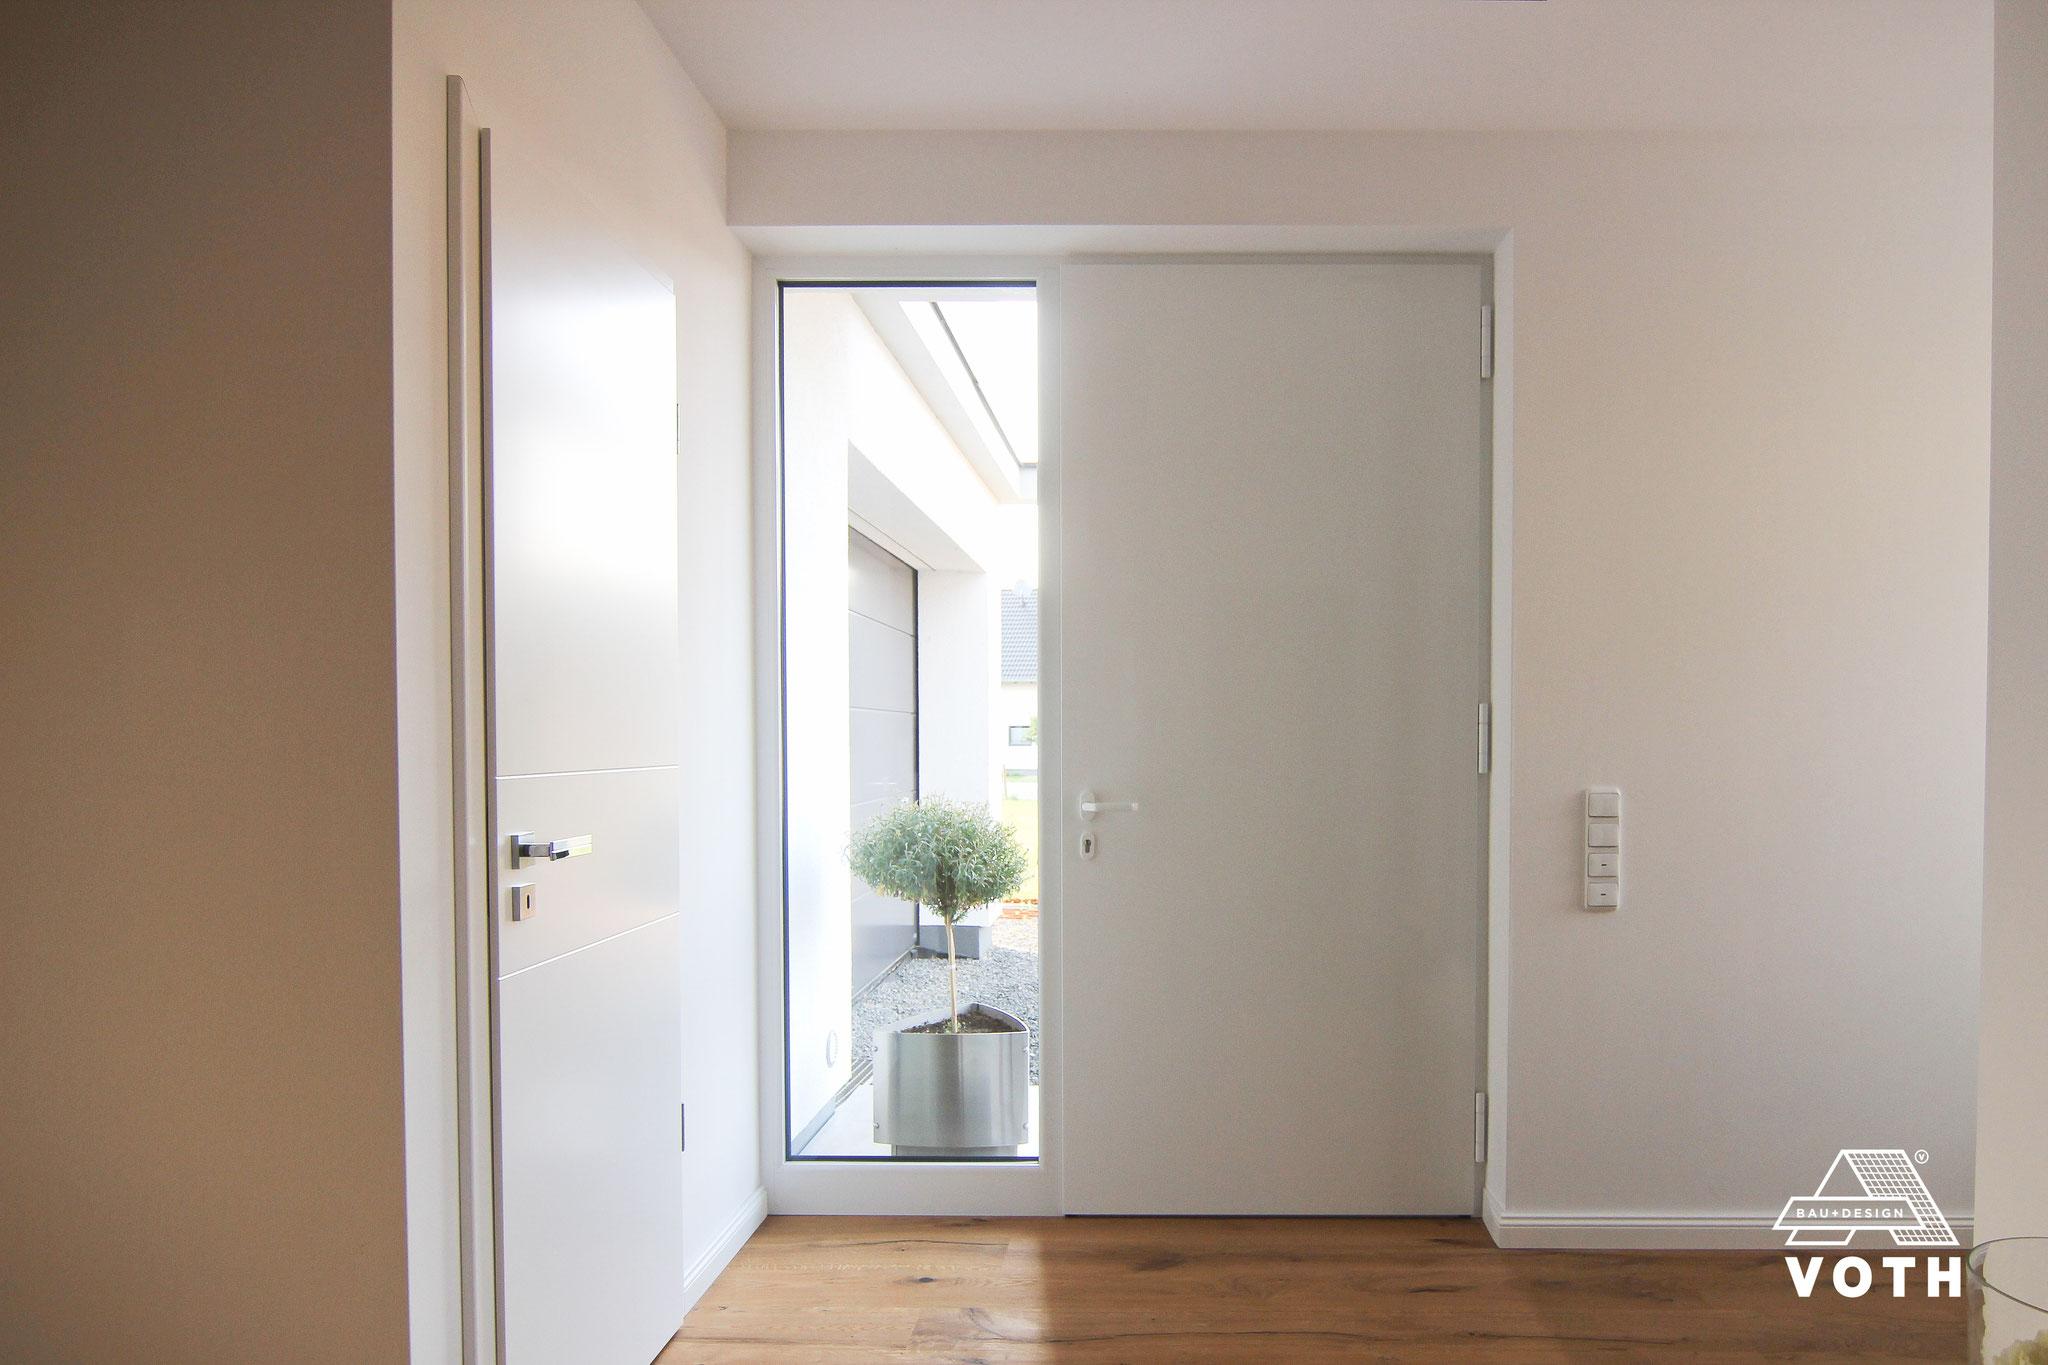 Flügelüberdeckende Haustüren in Düren kaufen